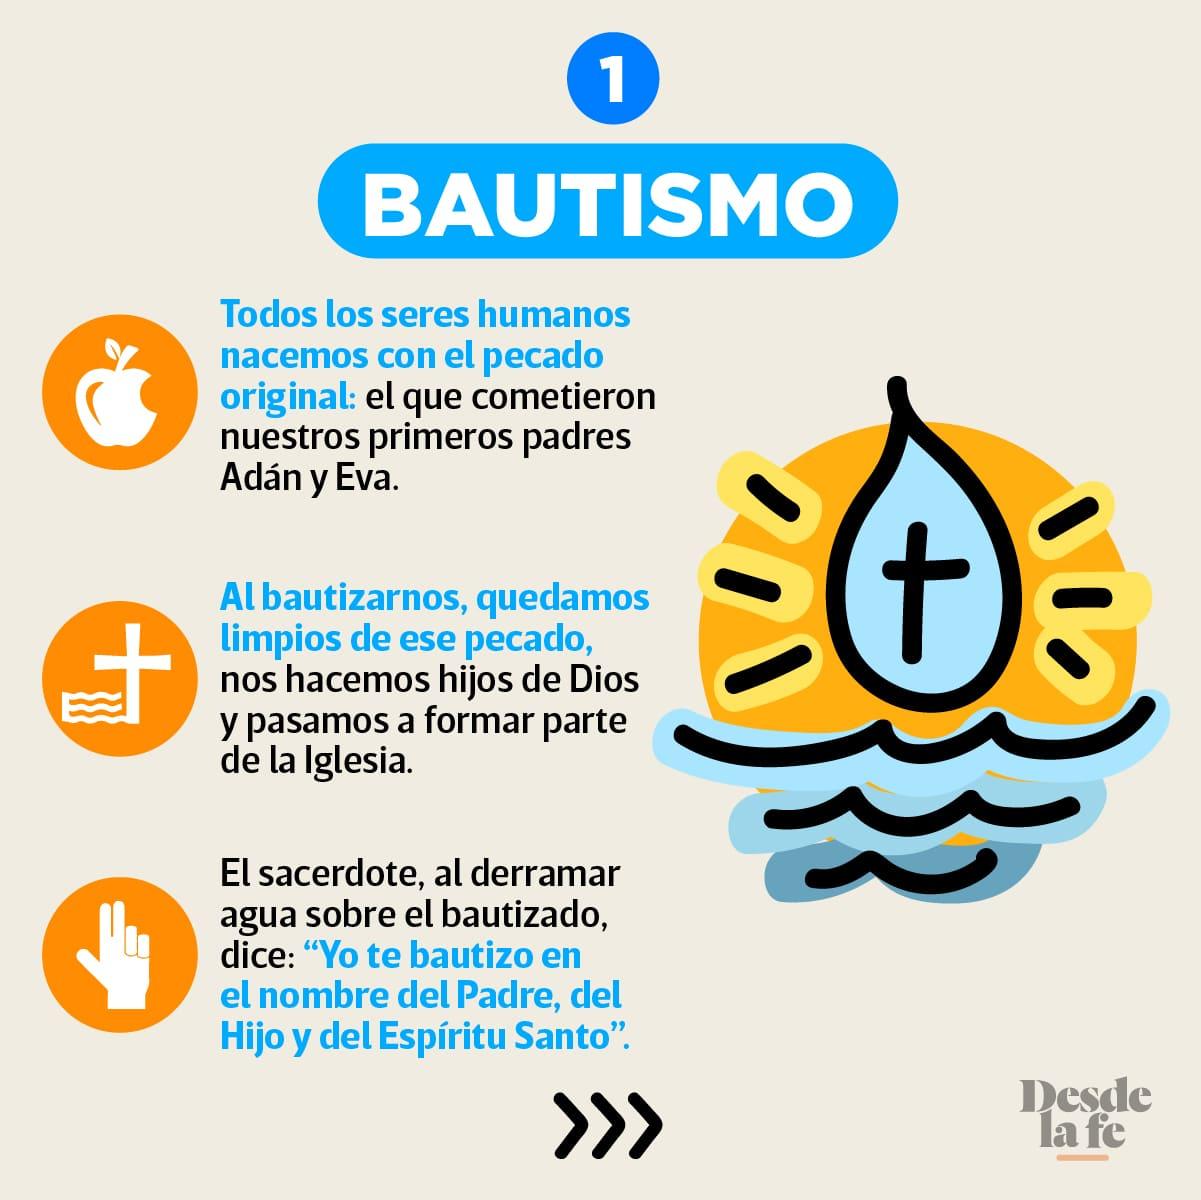 El Bautismo es uno de los 7 Sacramentos de la Iglesia.